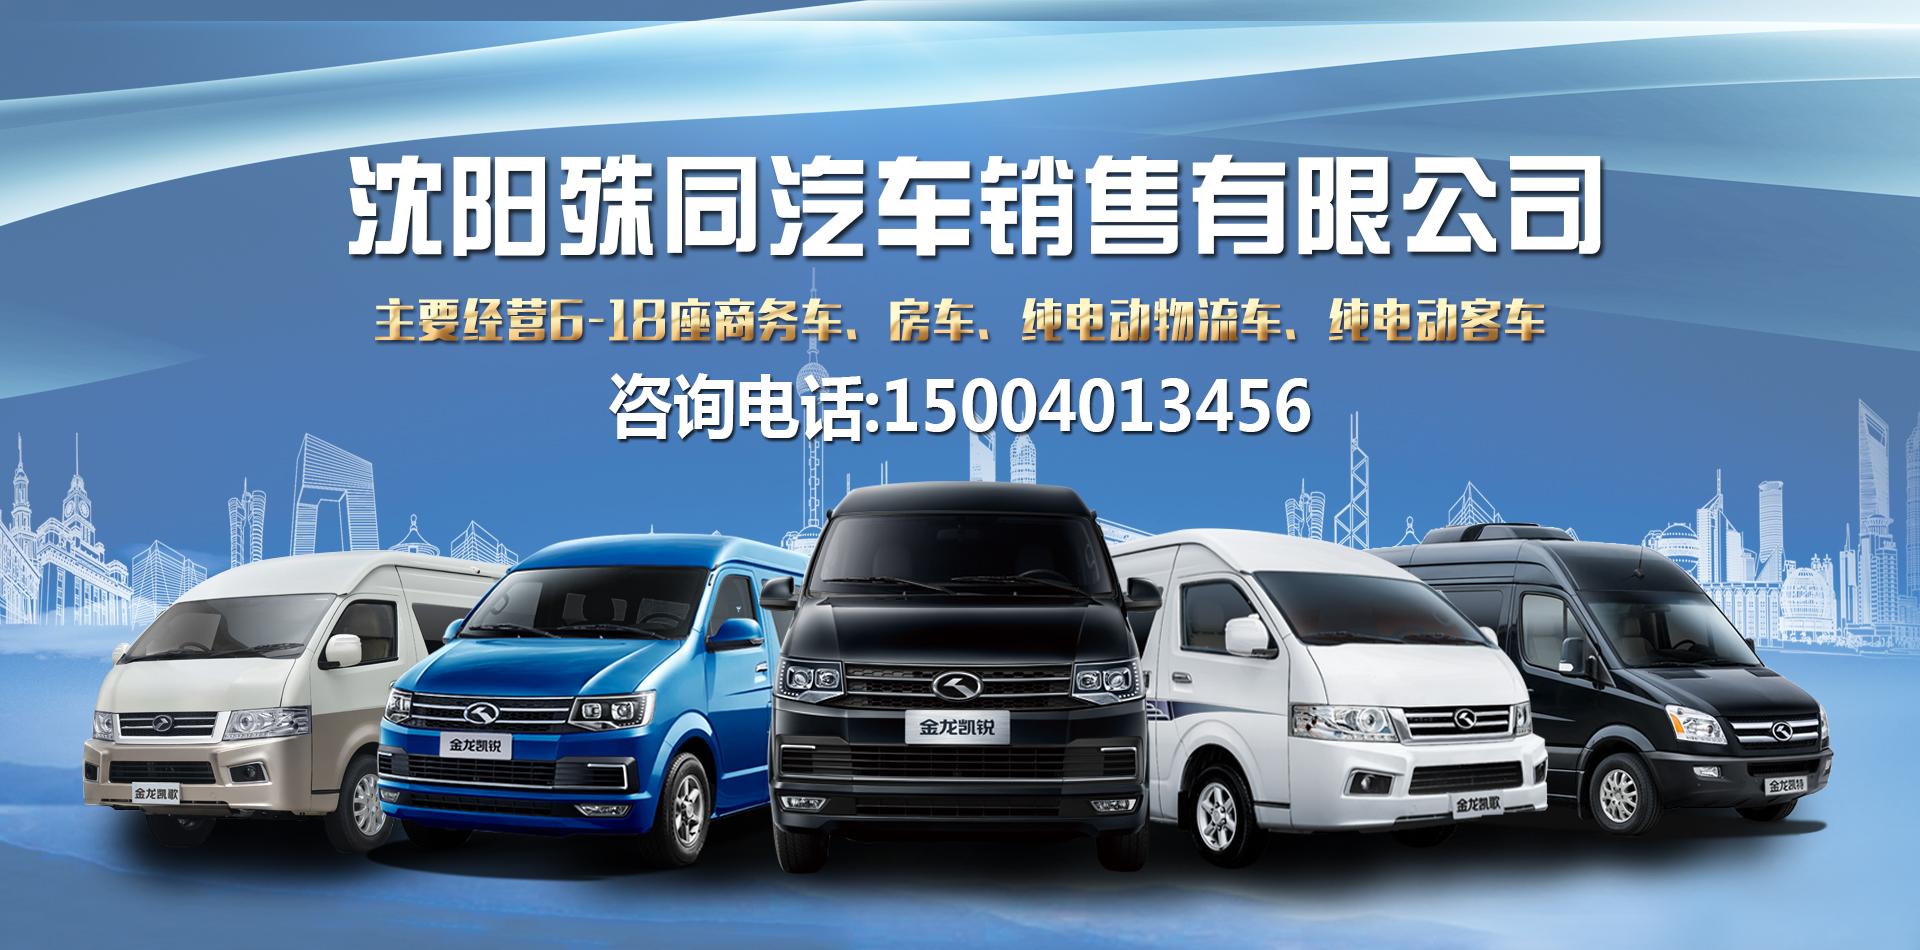 沈阳殊同汽车销售有限公司